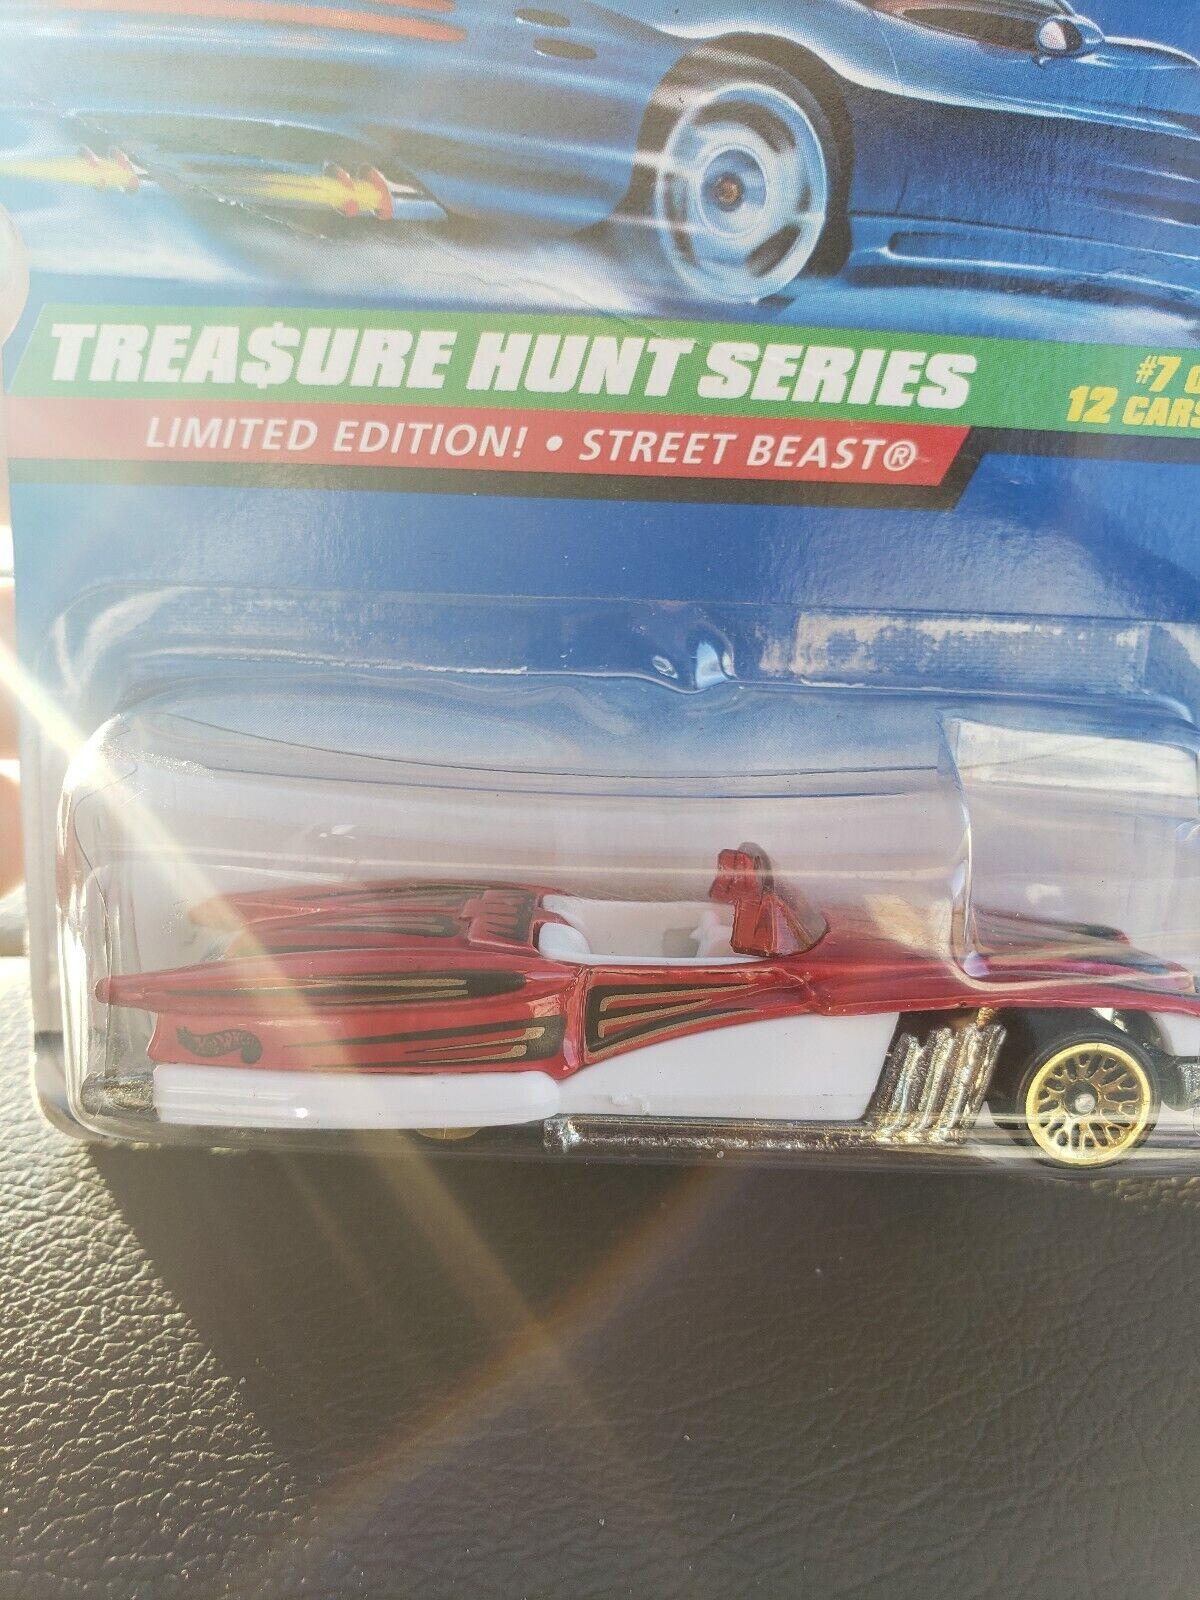 heta hjul Treasure Hunt Series Street Beast begränsad Edition